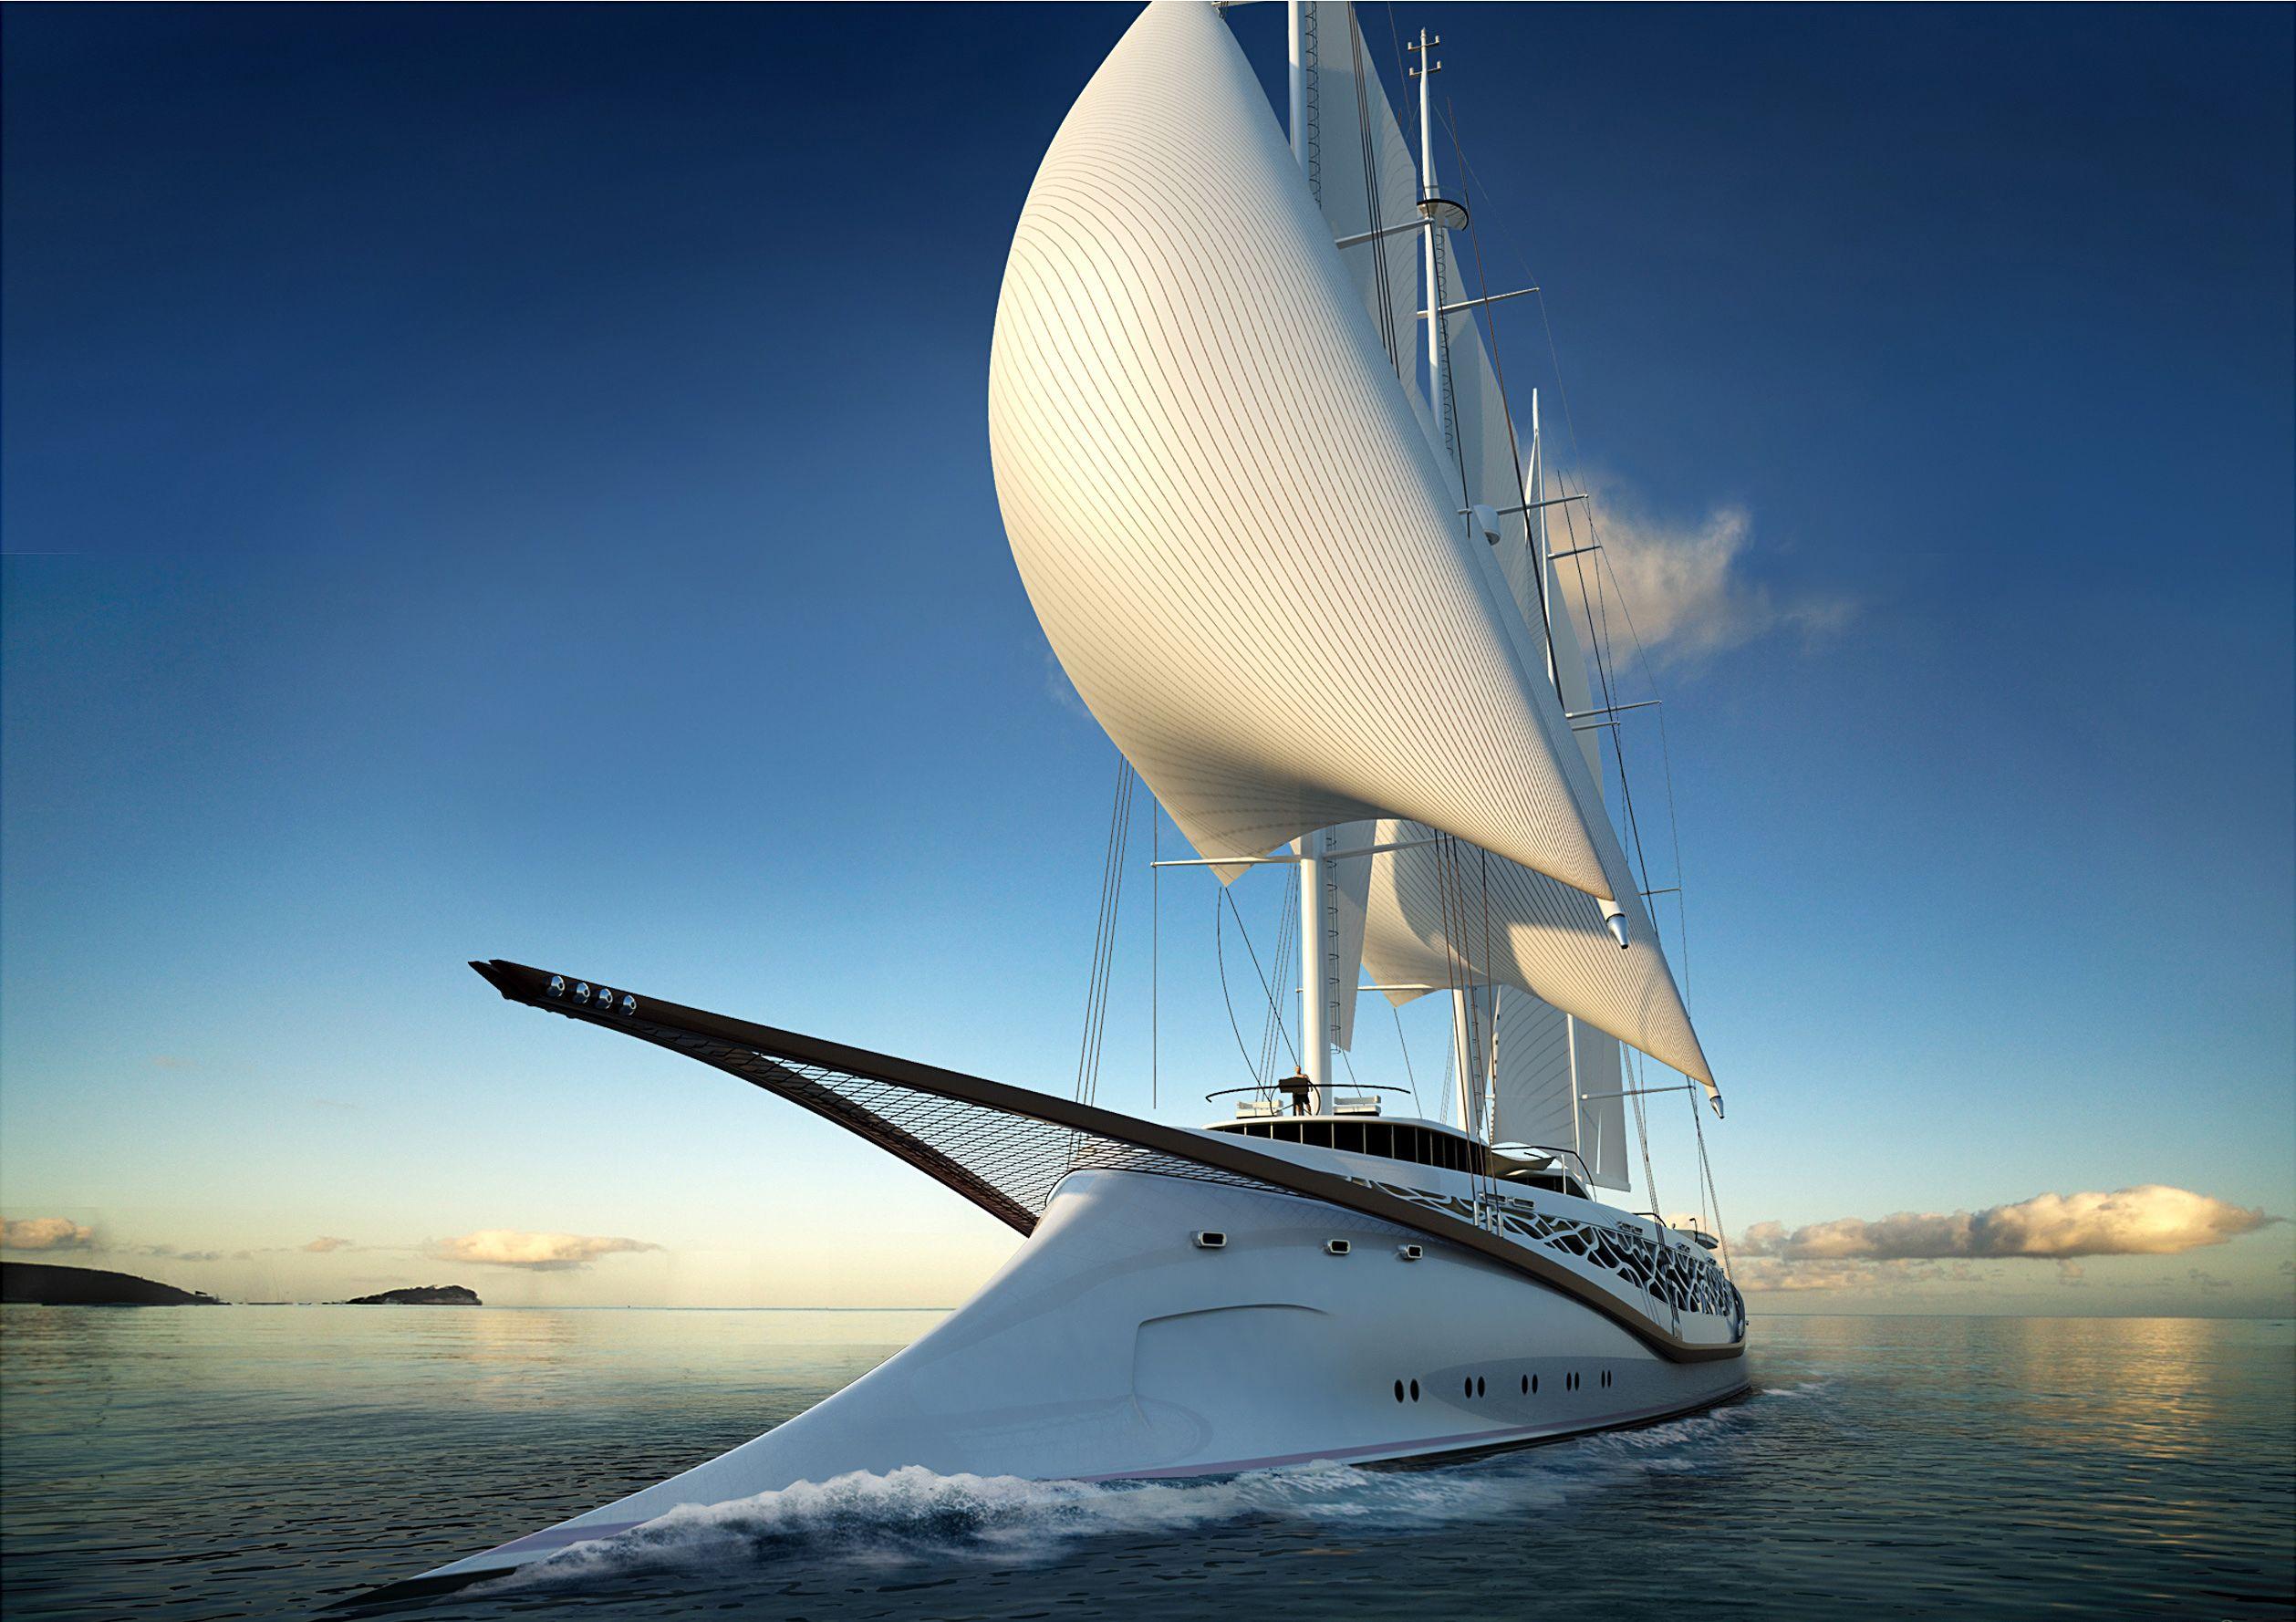 Sailing Yachts Wallpaper Yacht Sail Travel Vacation